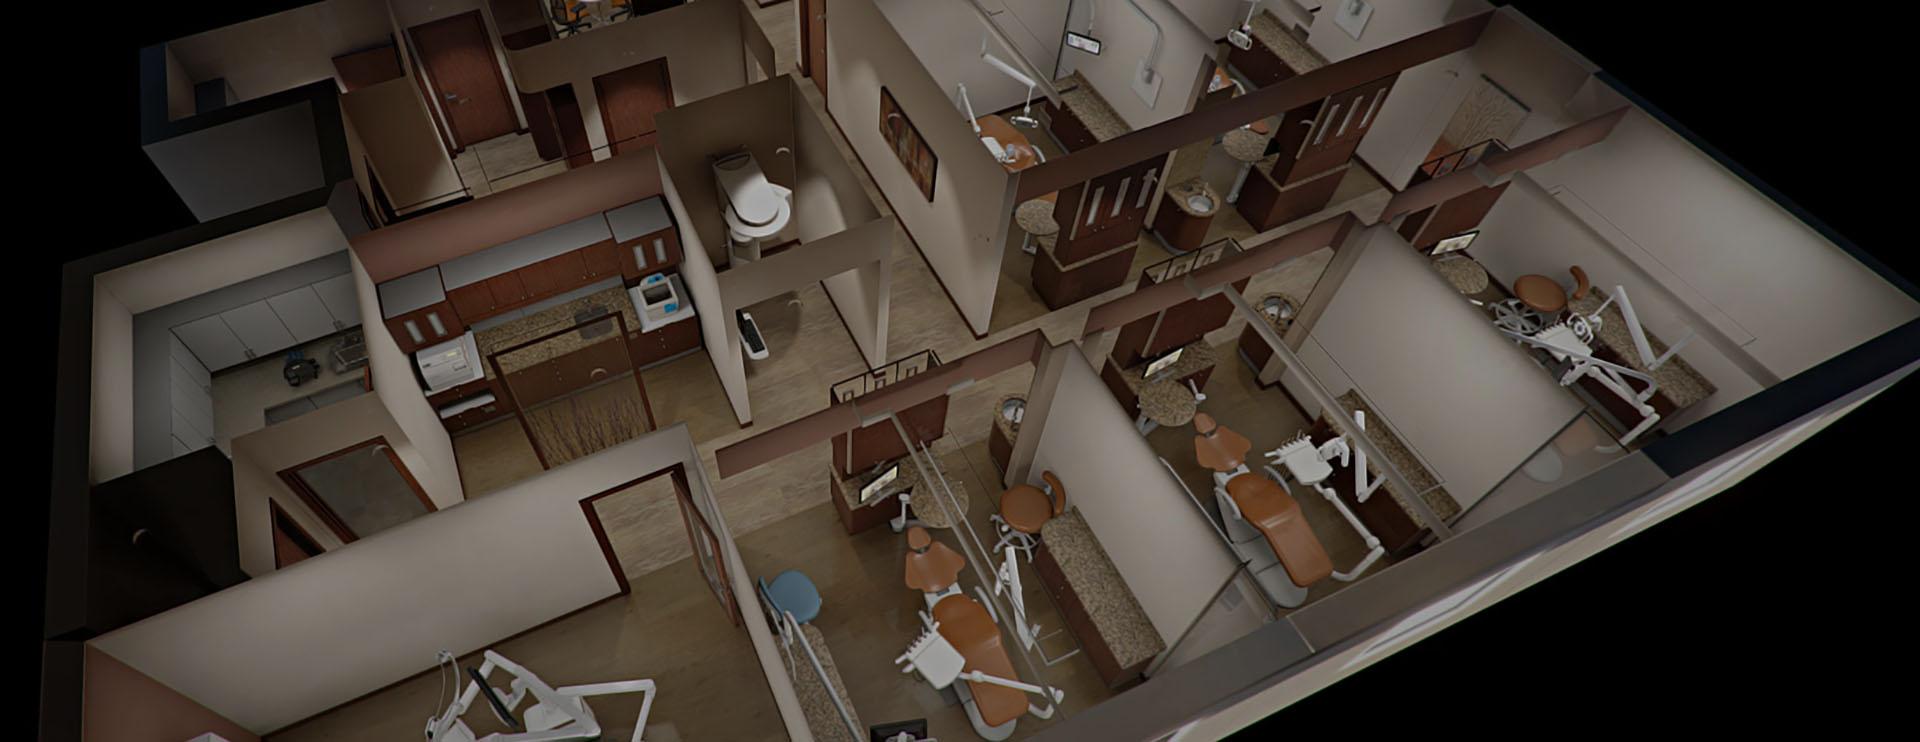 vr medical simulation background